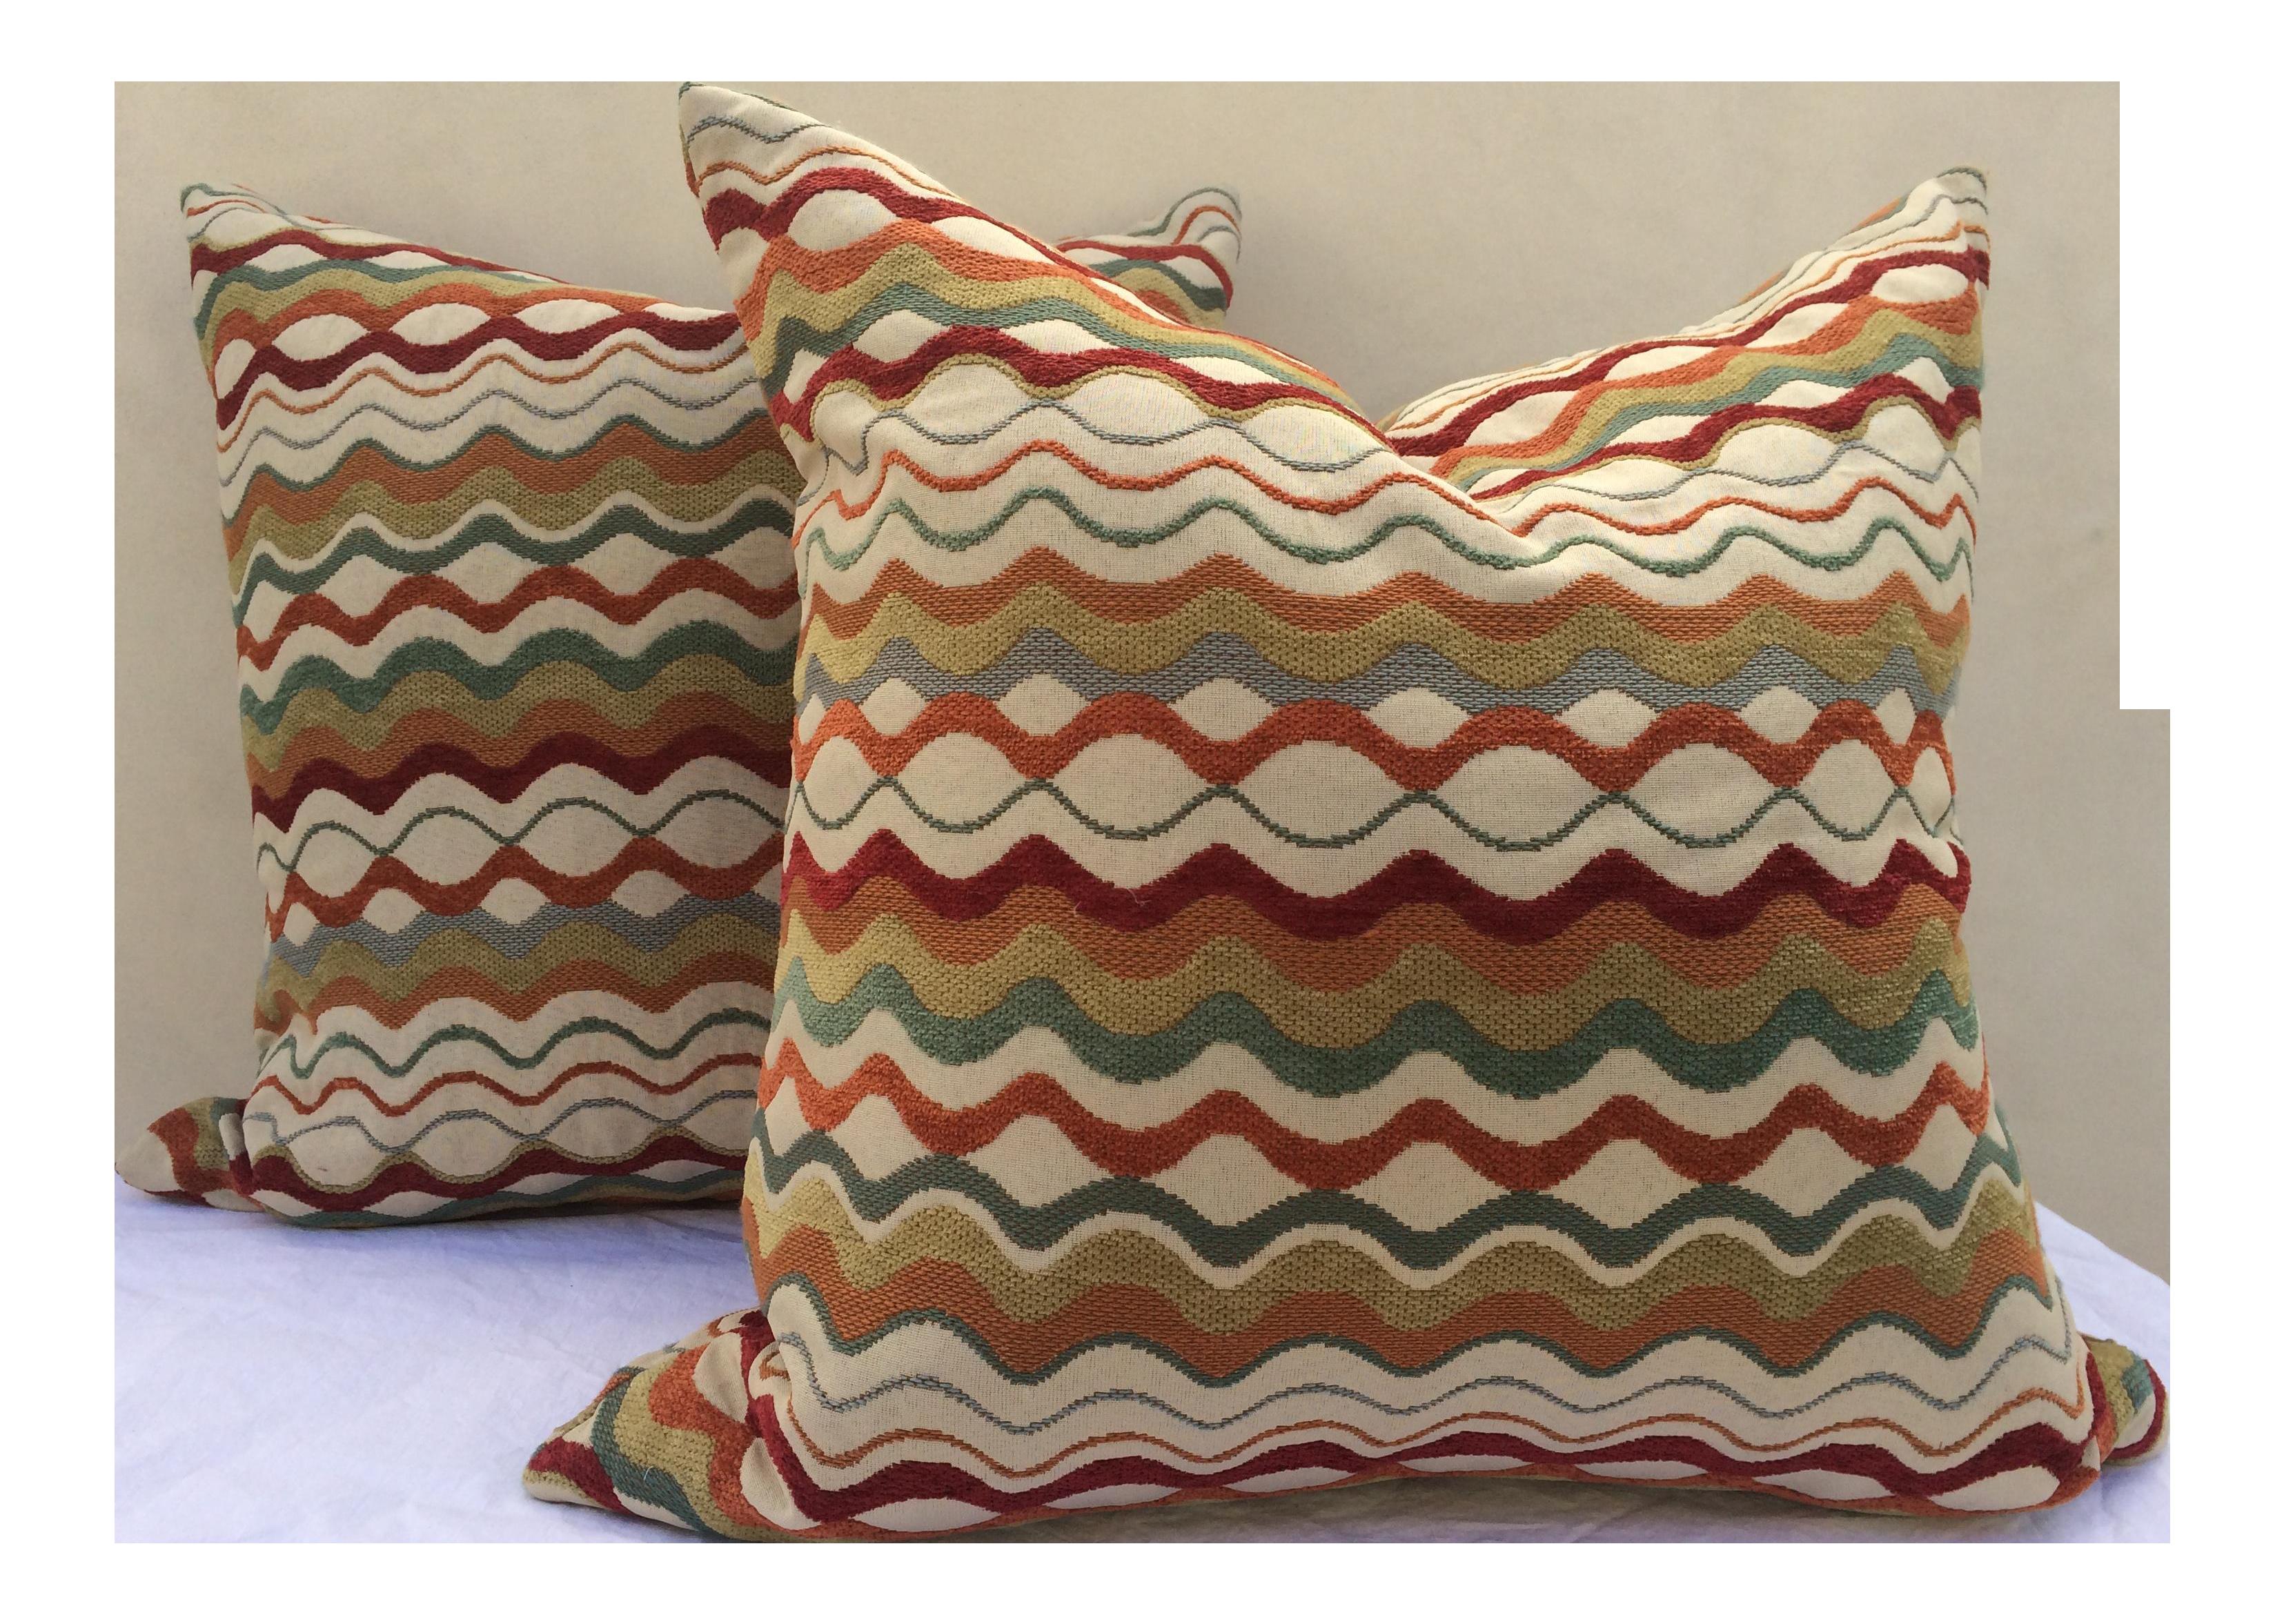 nordstrom pillows pillow decorative poufs c home bedrooms missoni